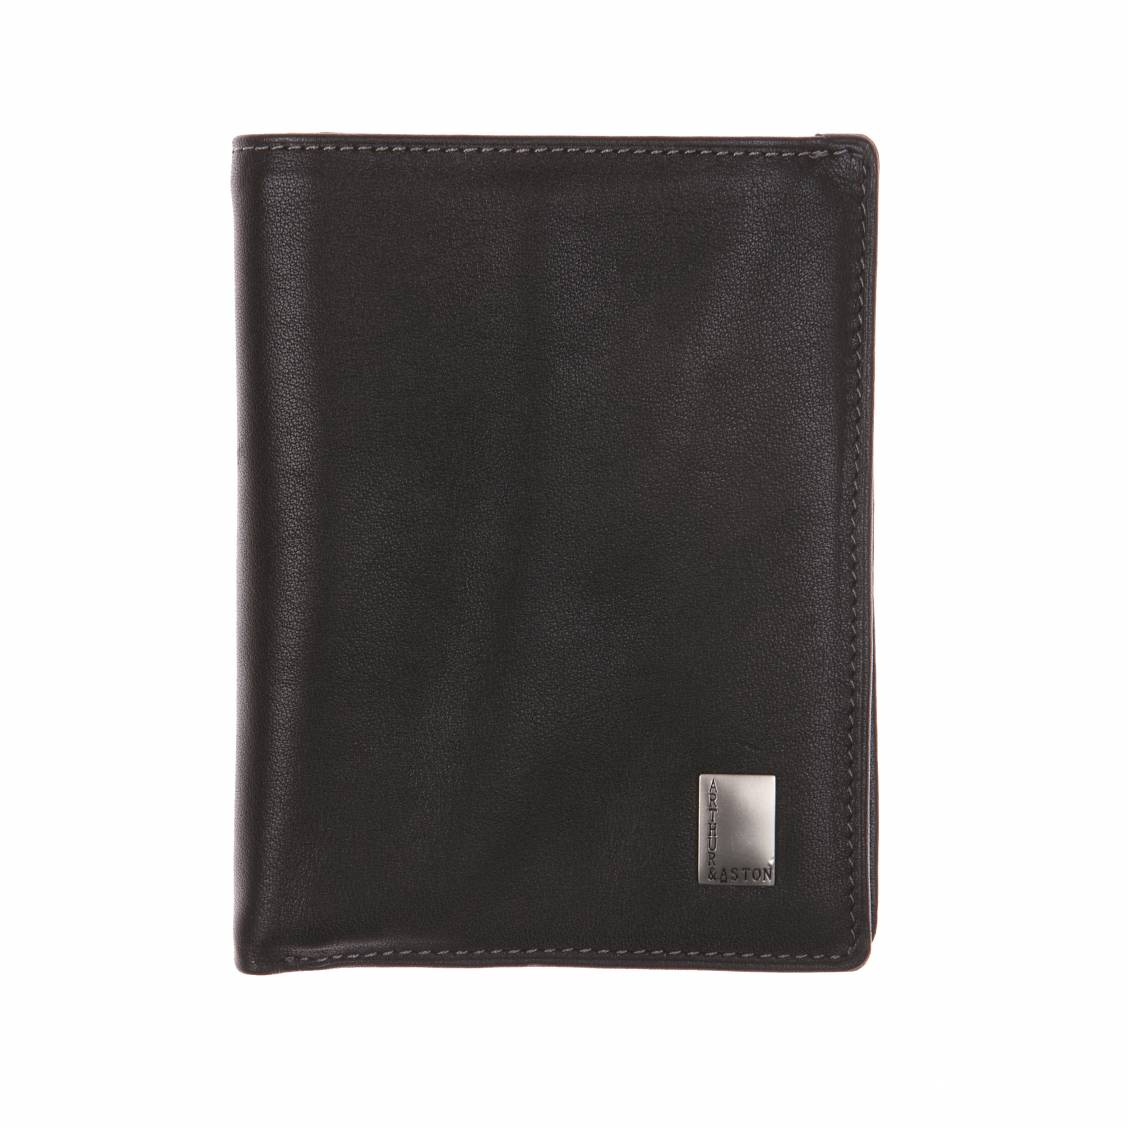 Petit portefeuille 3 volets Arthur & Aston en cuir noir. Cuir de vachette lisse- Doublure polyester Coloris NoirEmpiècement en fer esta